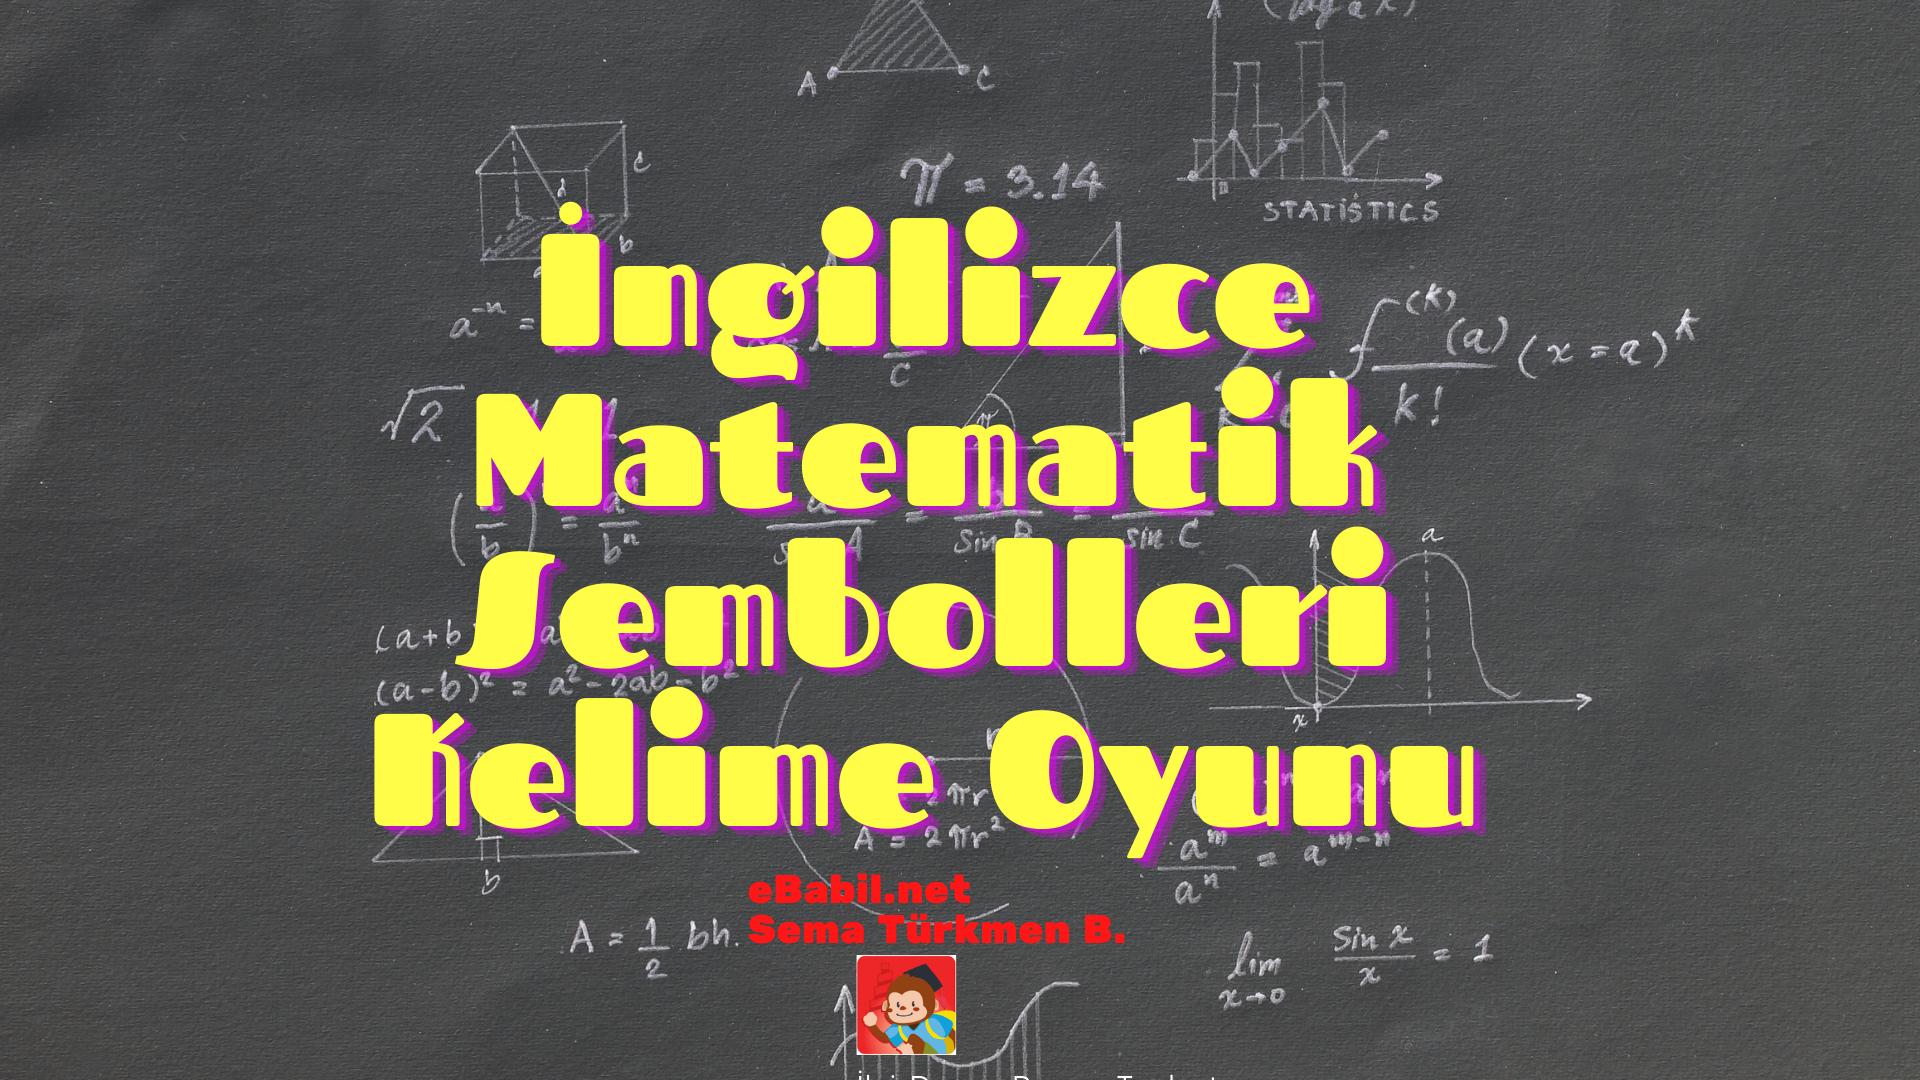 Kelime Oyunu: İngilizce Matematik Sembolleri (Maths Symbols)